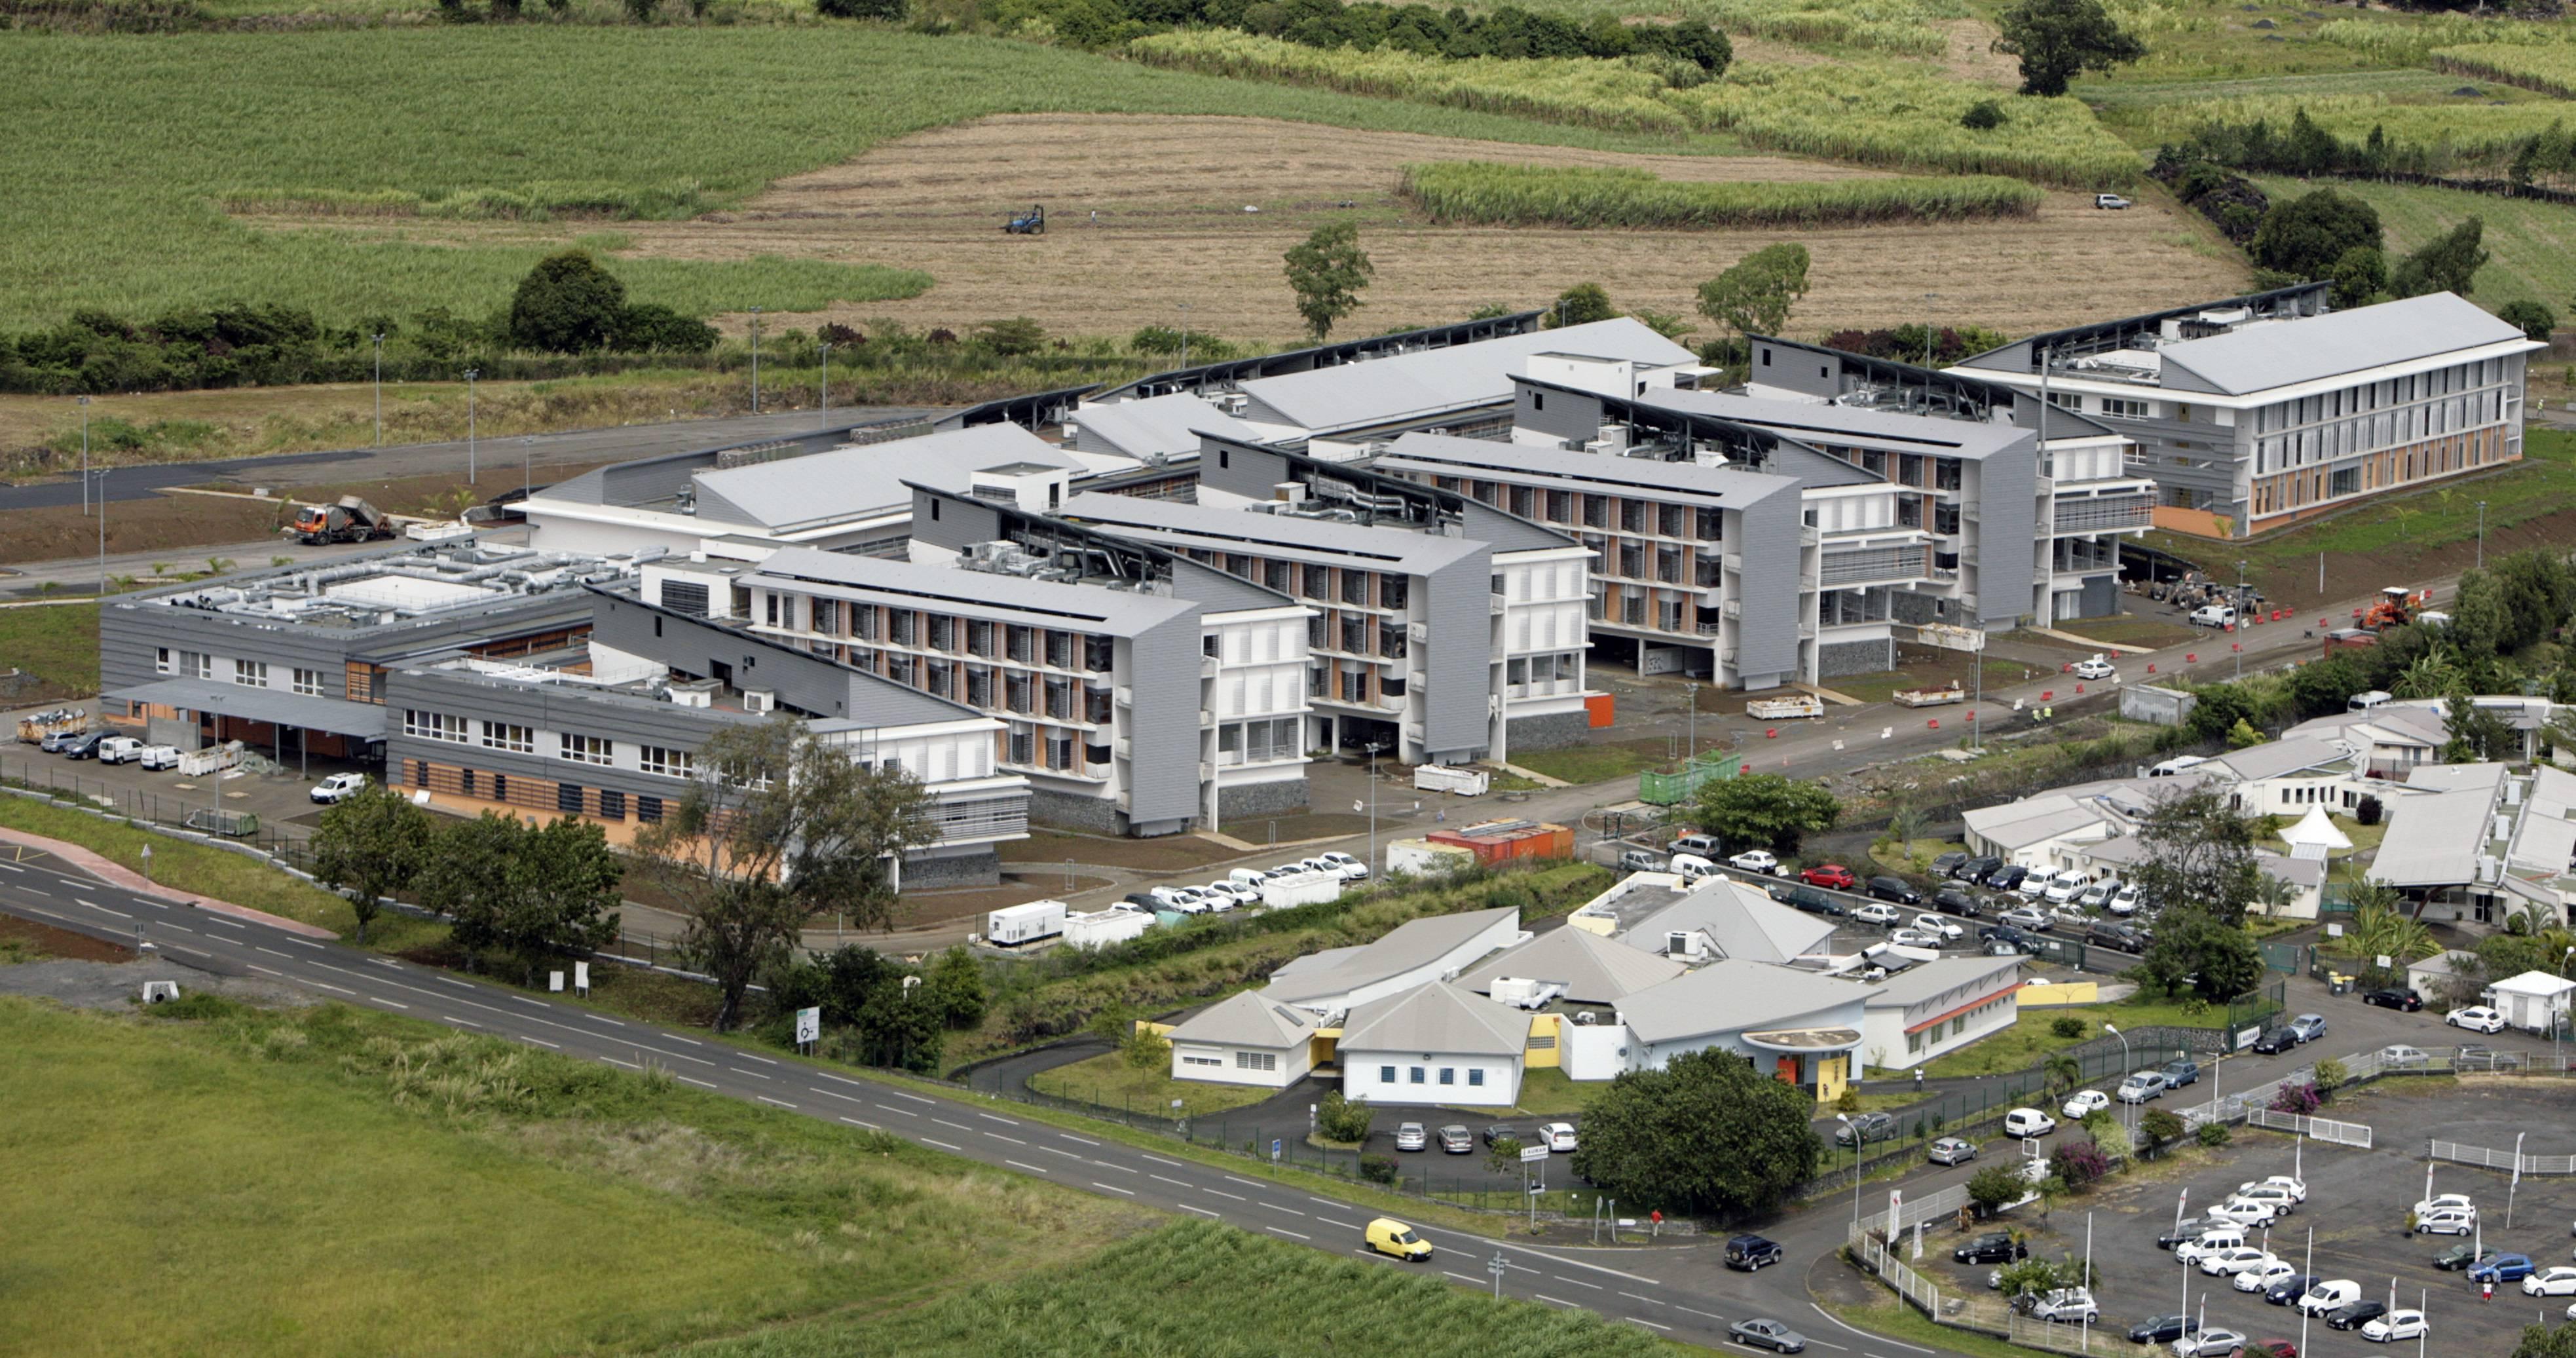 Centre Hospitalier SAINT BENOIT Maisons de retraite